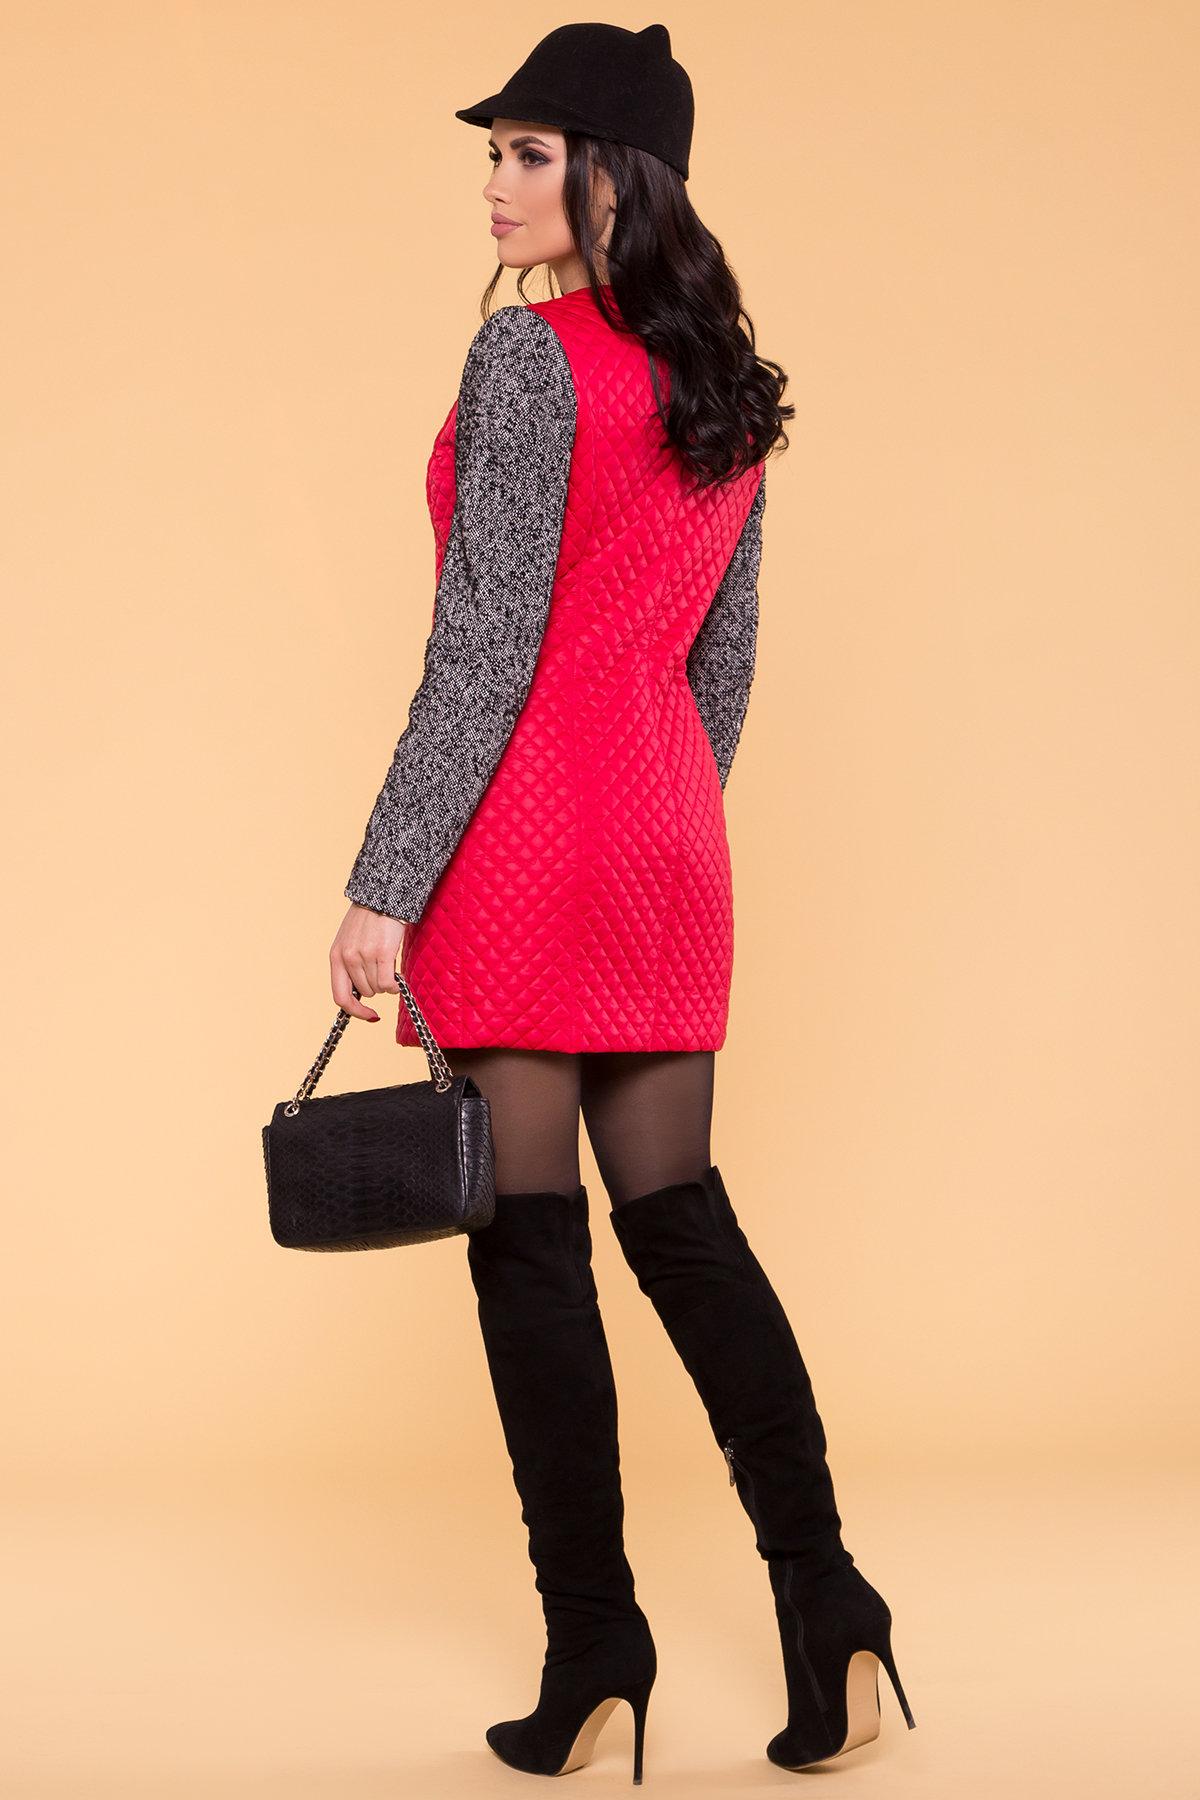 Пальто Матео 4809 АРТ. 5654 Цвет: Красный/Серый 1  - фото 2, интернет магазин tm-modus.ru